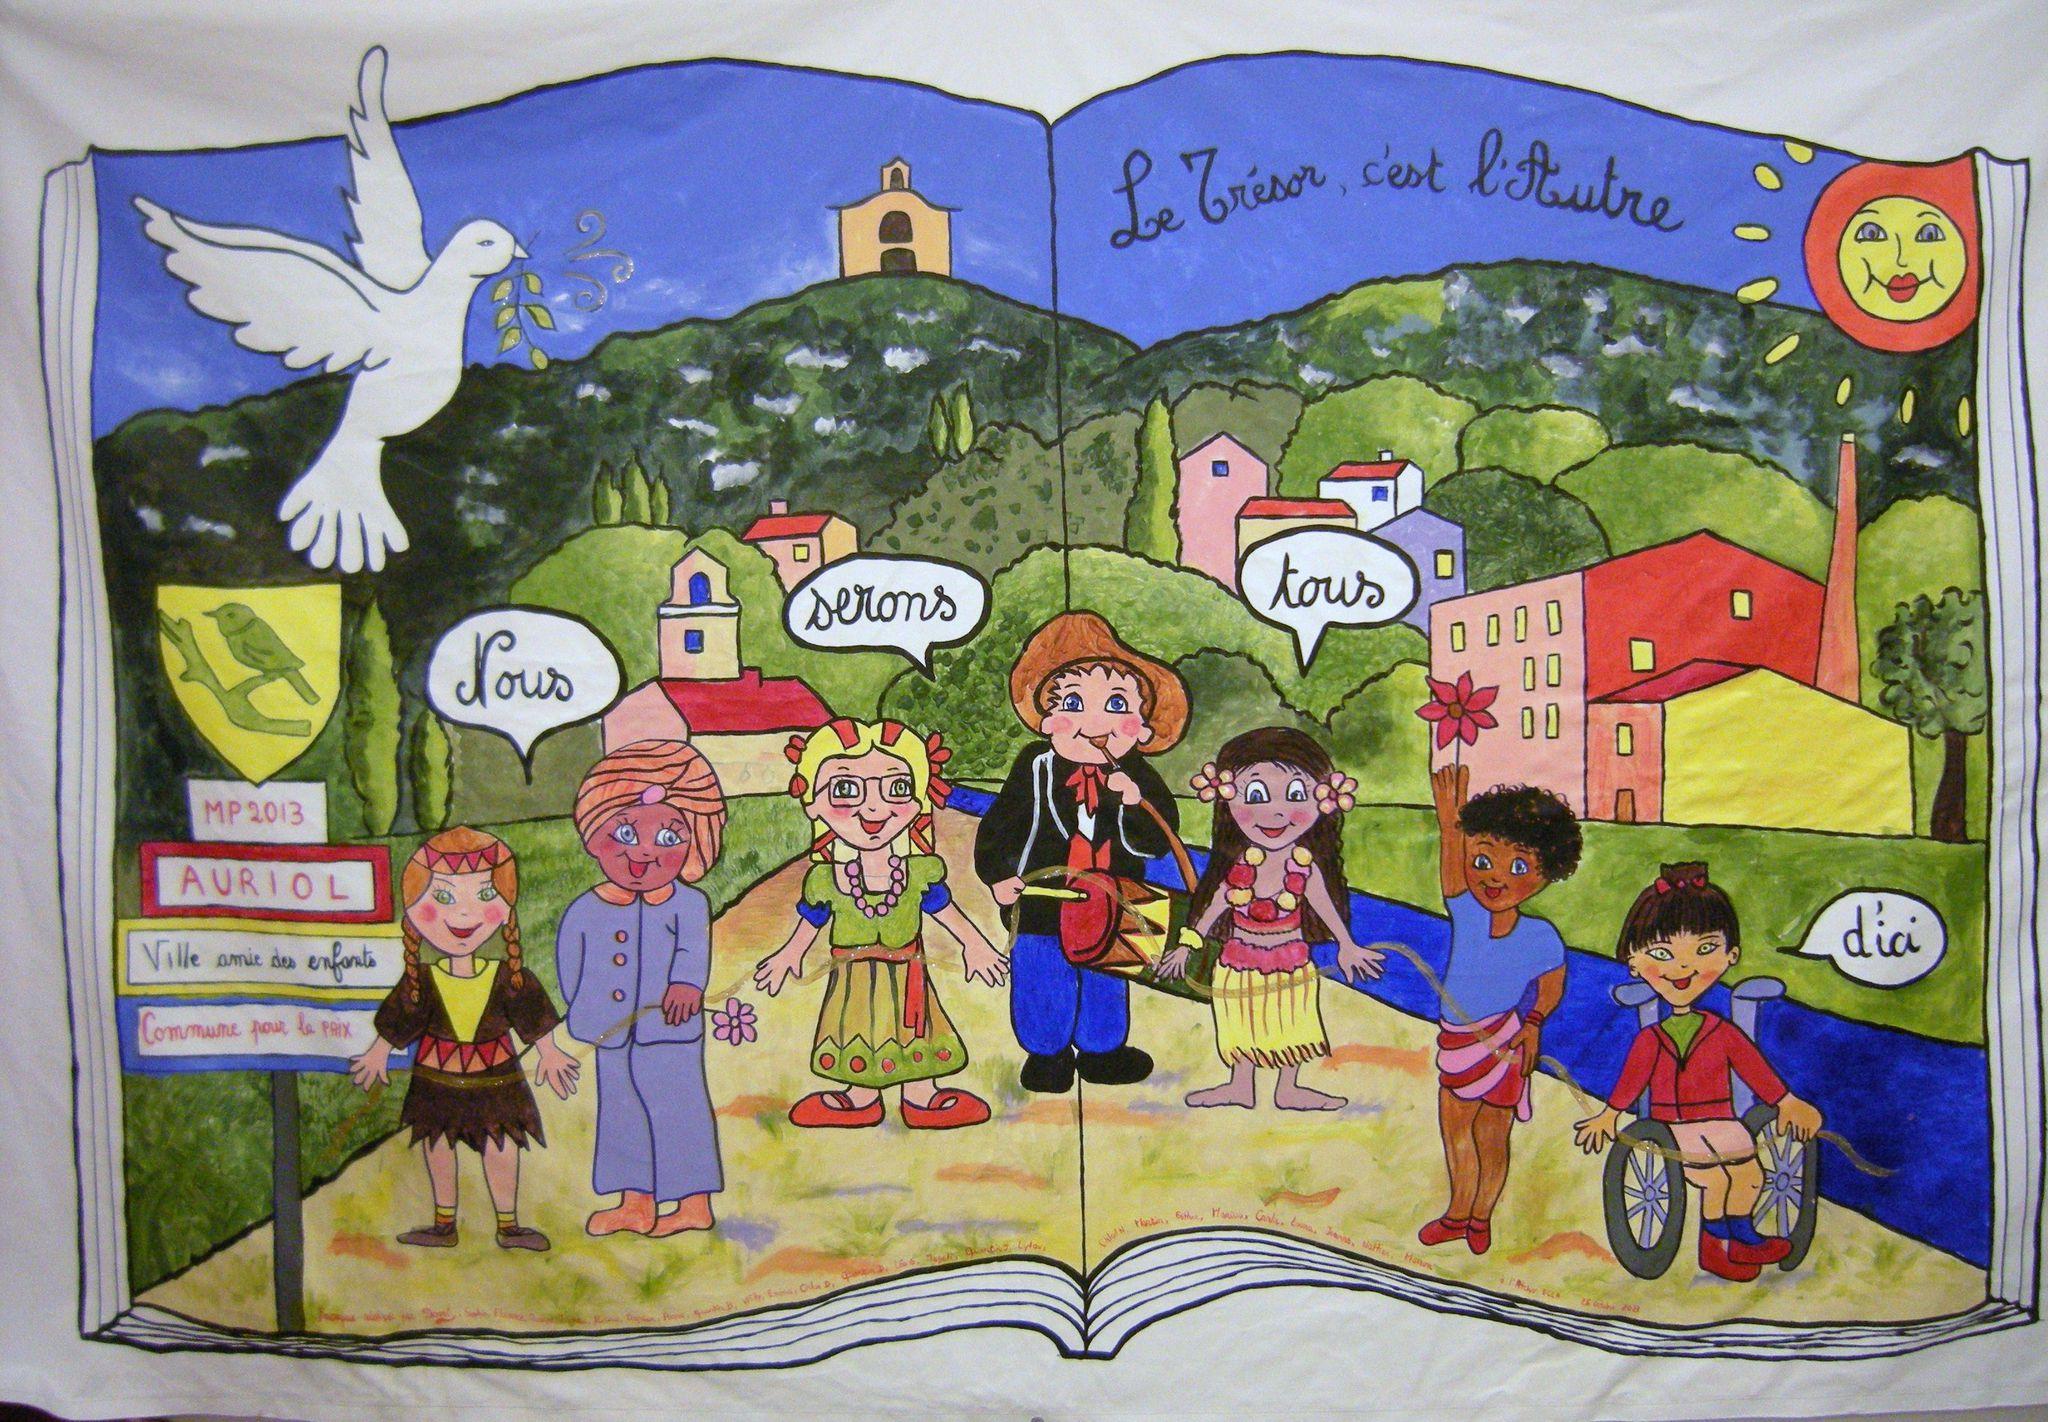 La grande fresque de la paix de la biblioth que d 39 auriol 13 domi dessins et peintures - Dessin sur la paix ...